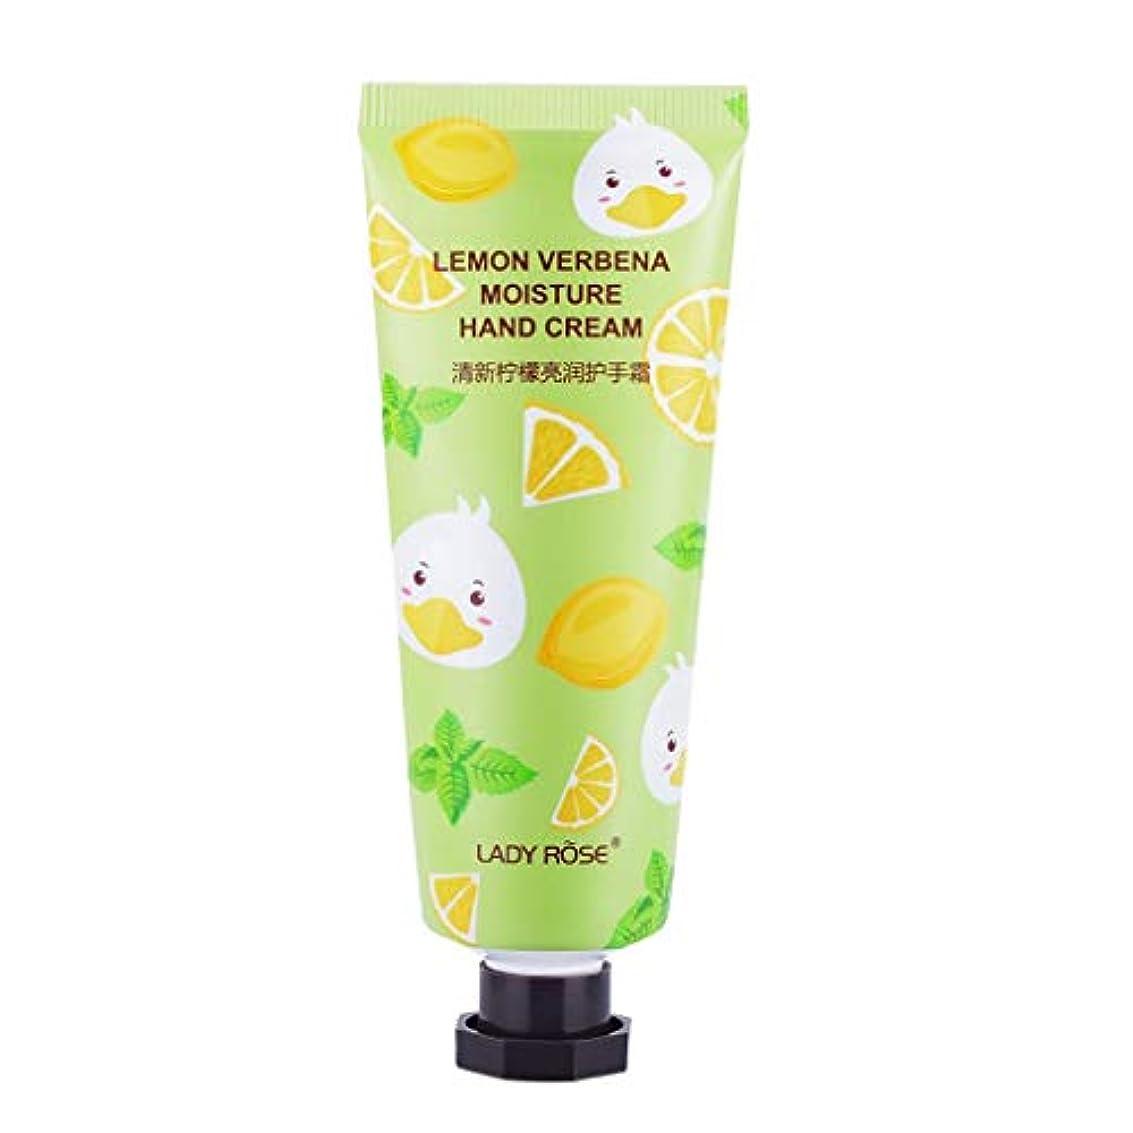 ファンタジーぼかし原因ハンドクリーム 保湿 ローション 潤い スキンケア ハンドローション 3タイプ選べ - レモン